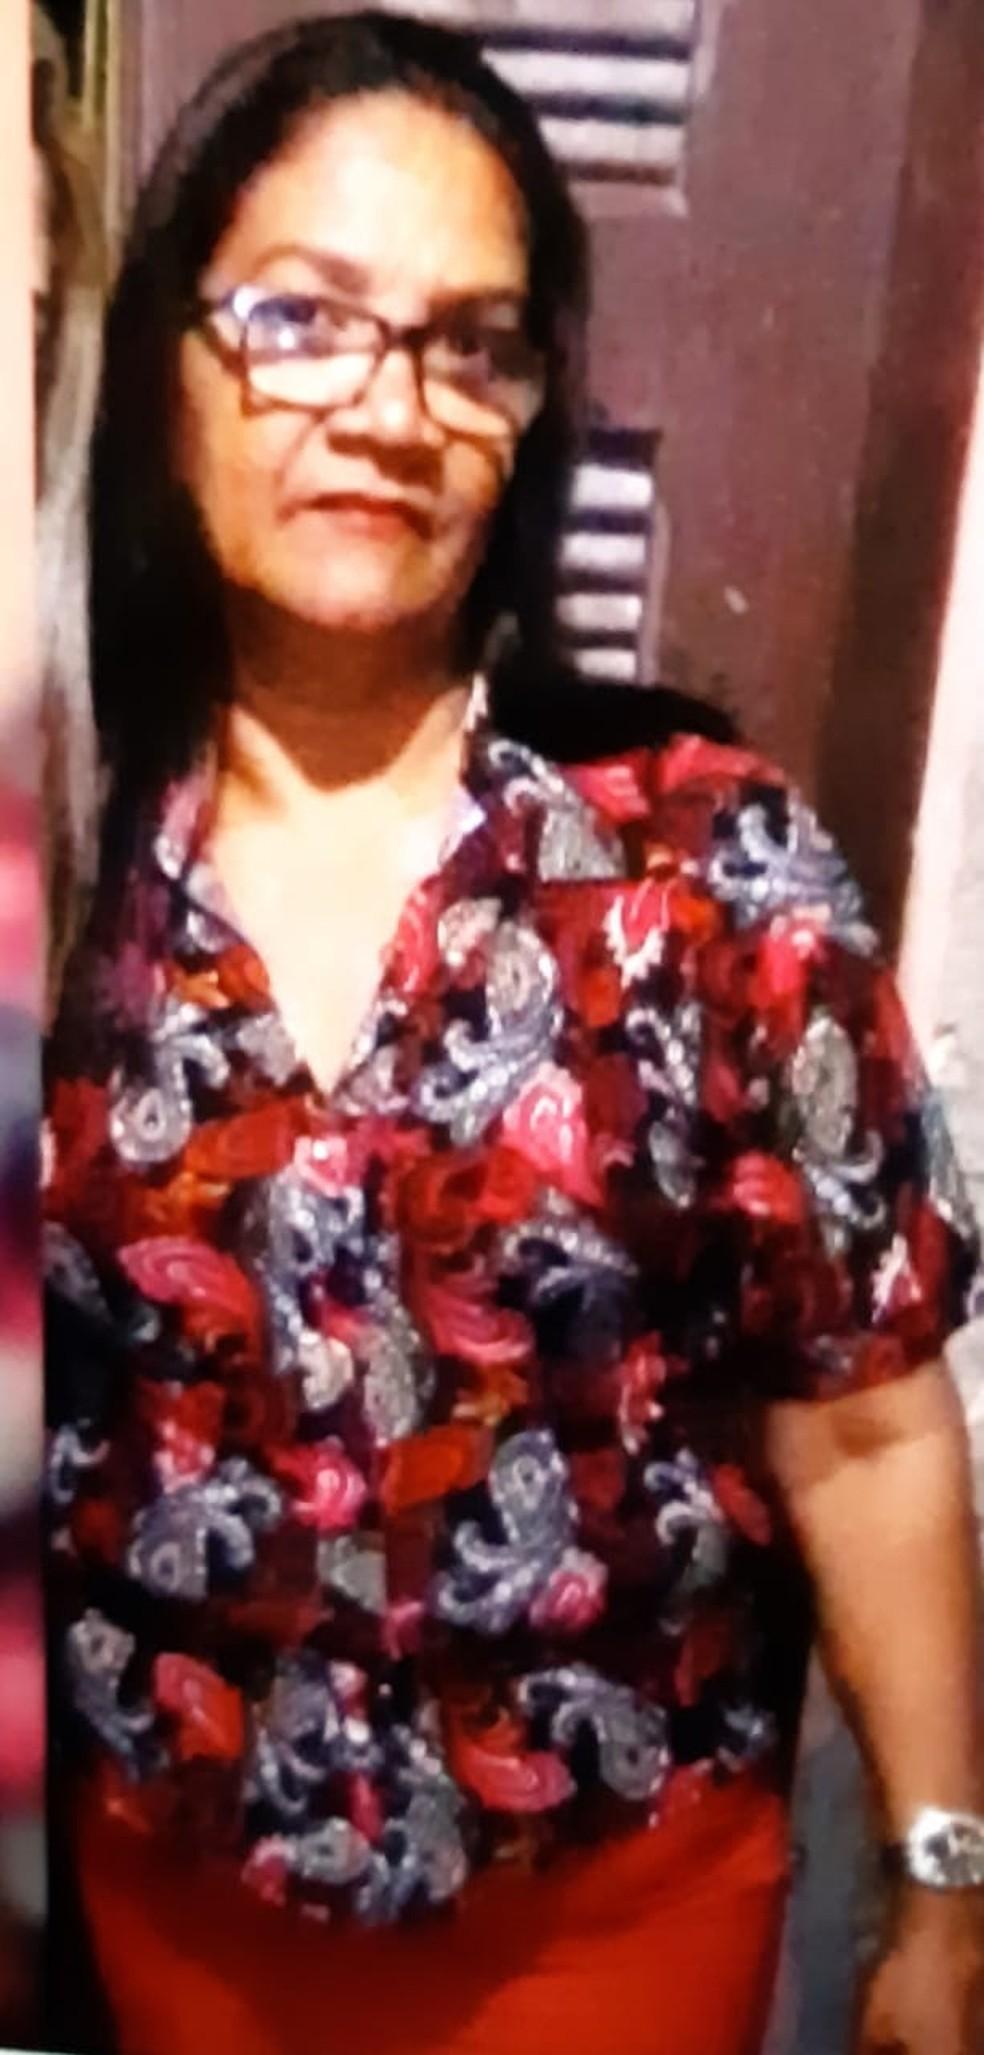 Ana Lúcia residia em Fortaleza e foi a Horizonte visitar parentes. — Foto: VC Repórter/SVM